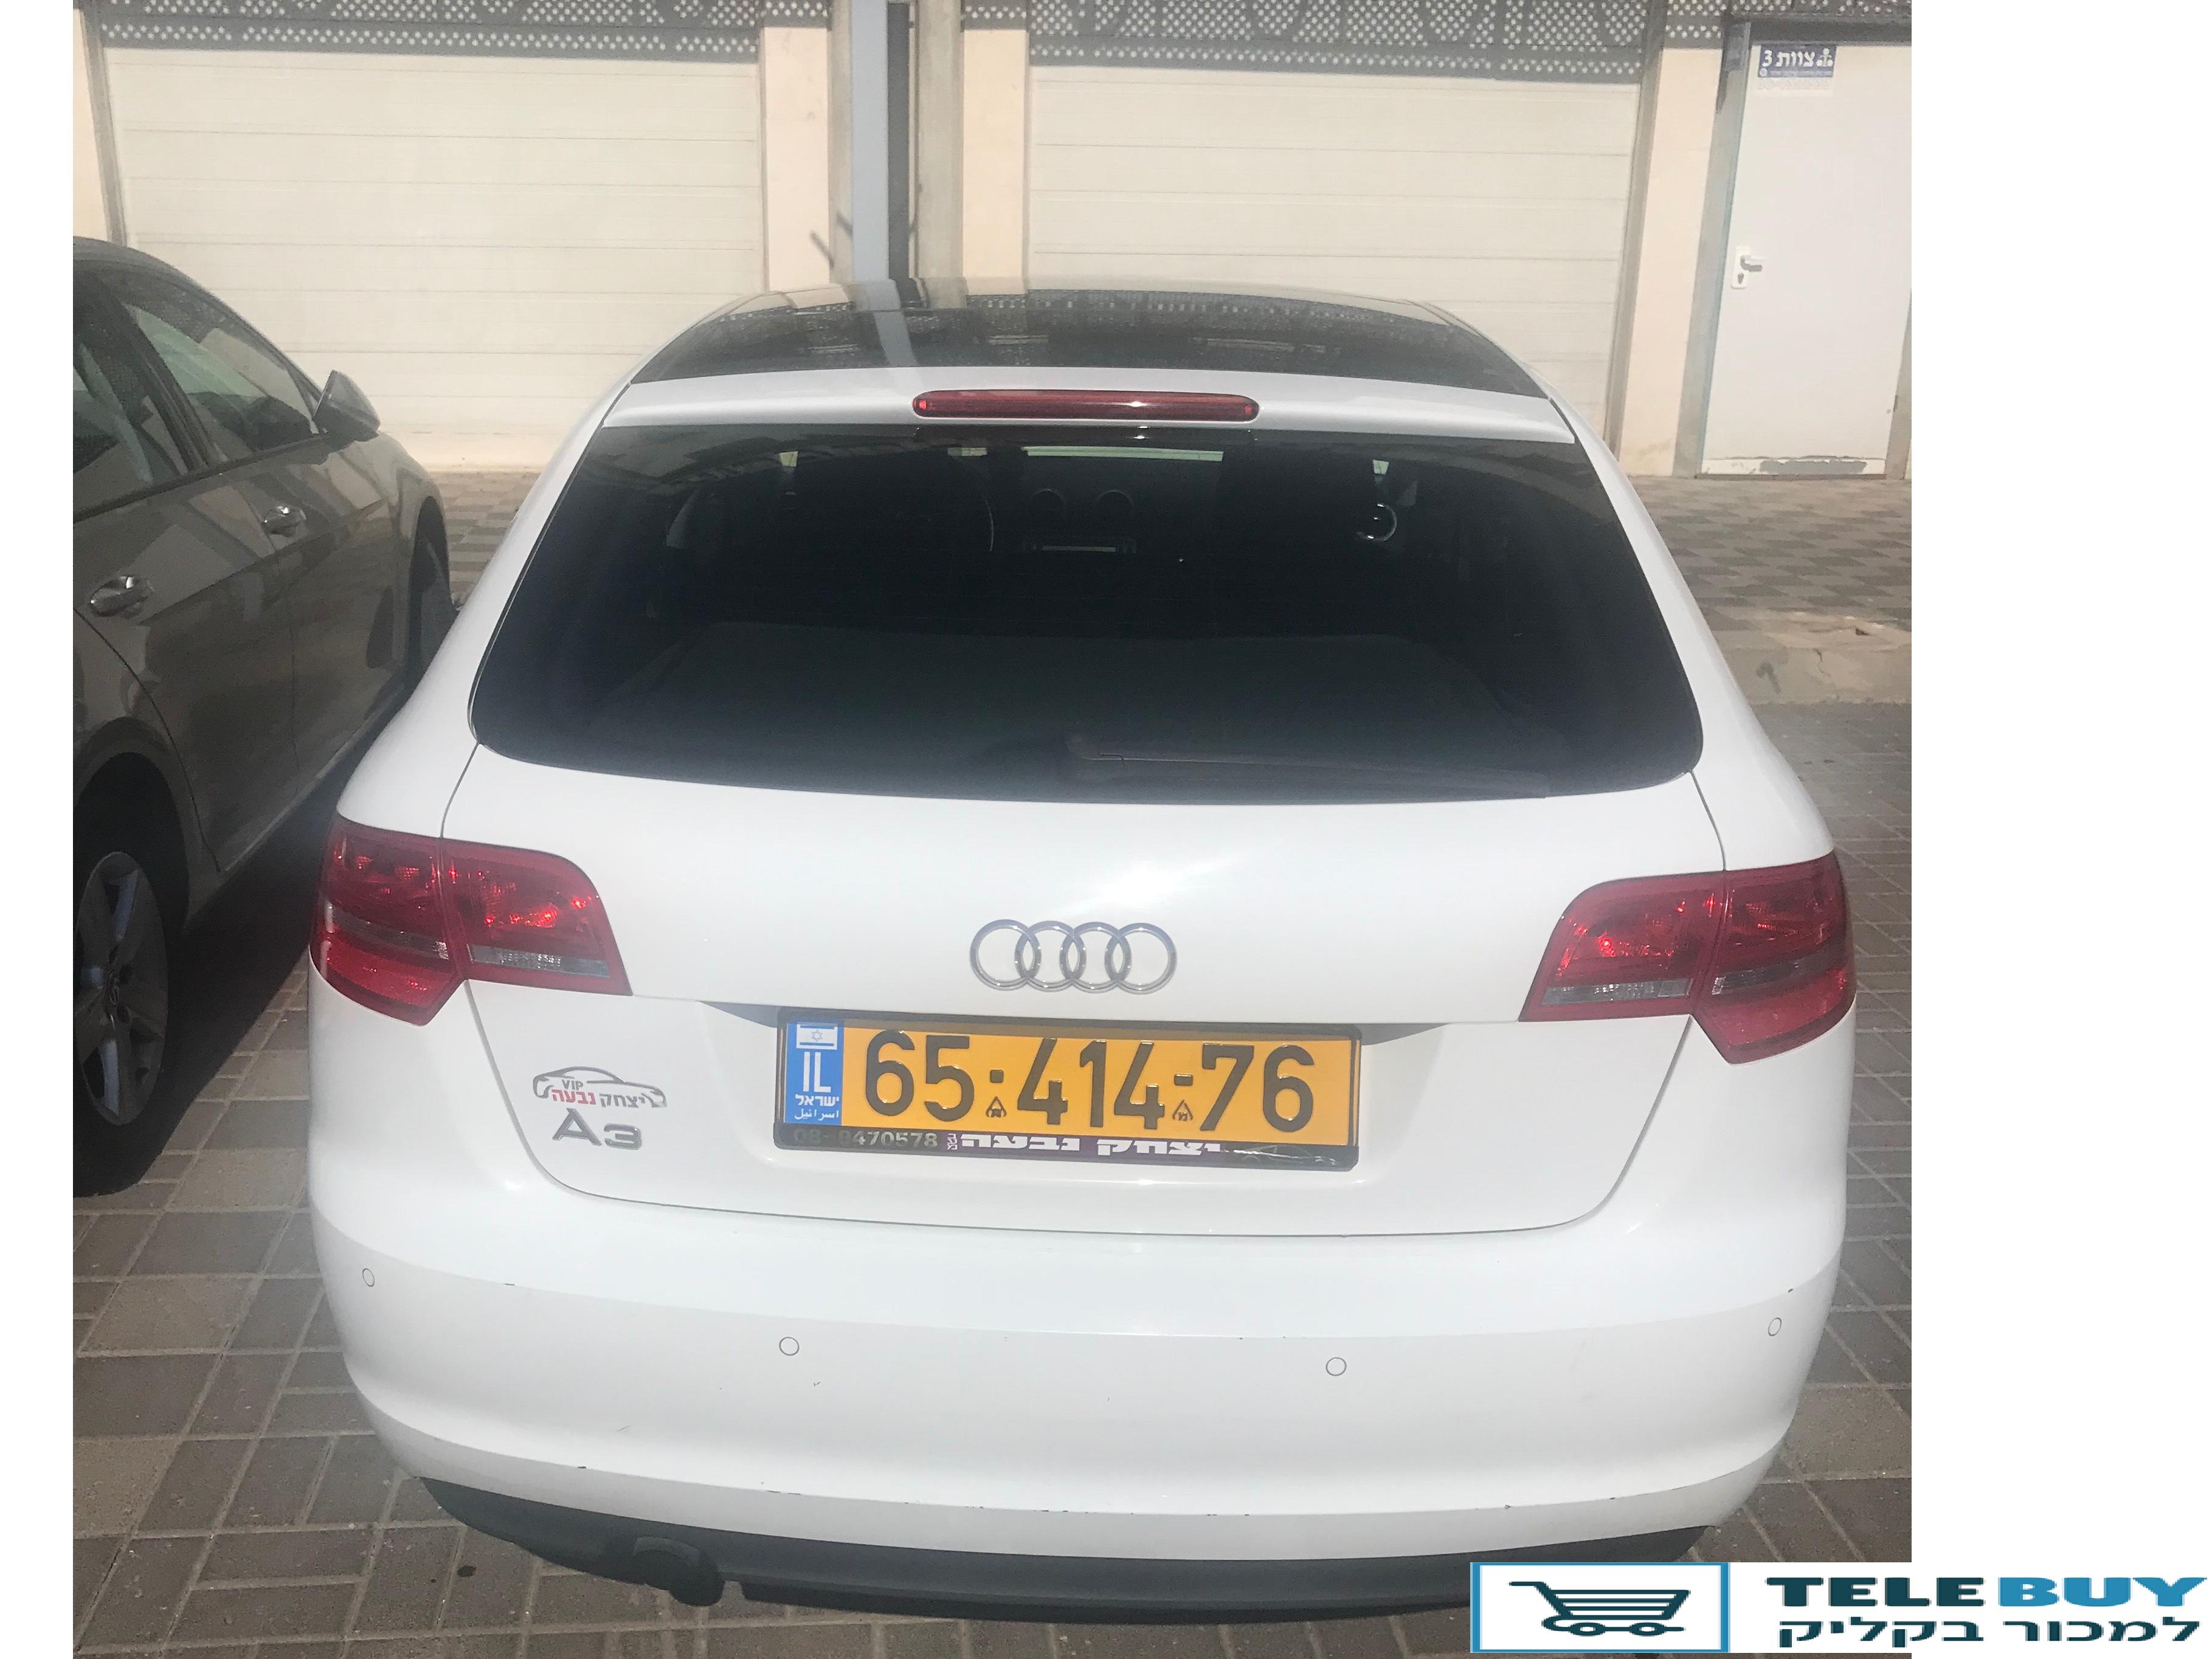 רכב פרטי אאודי A3 בתל אביב-יפו